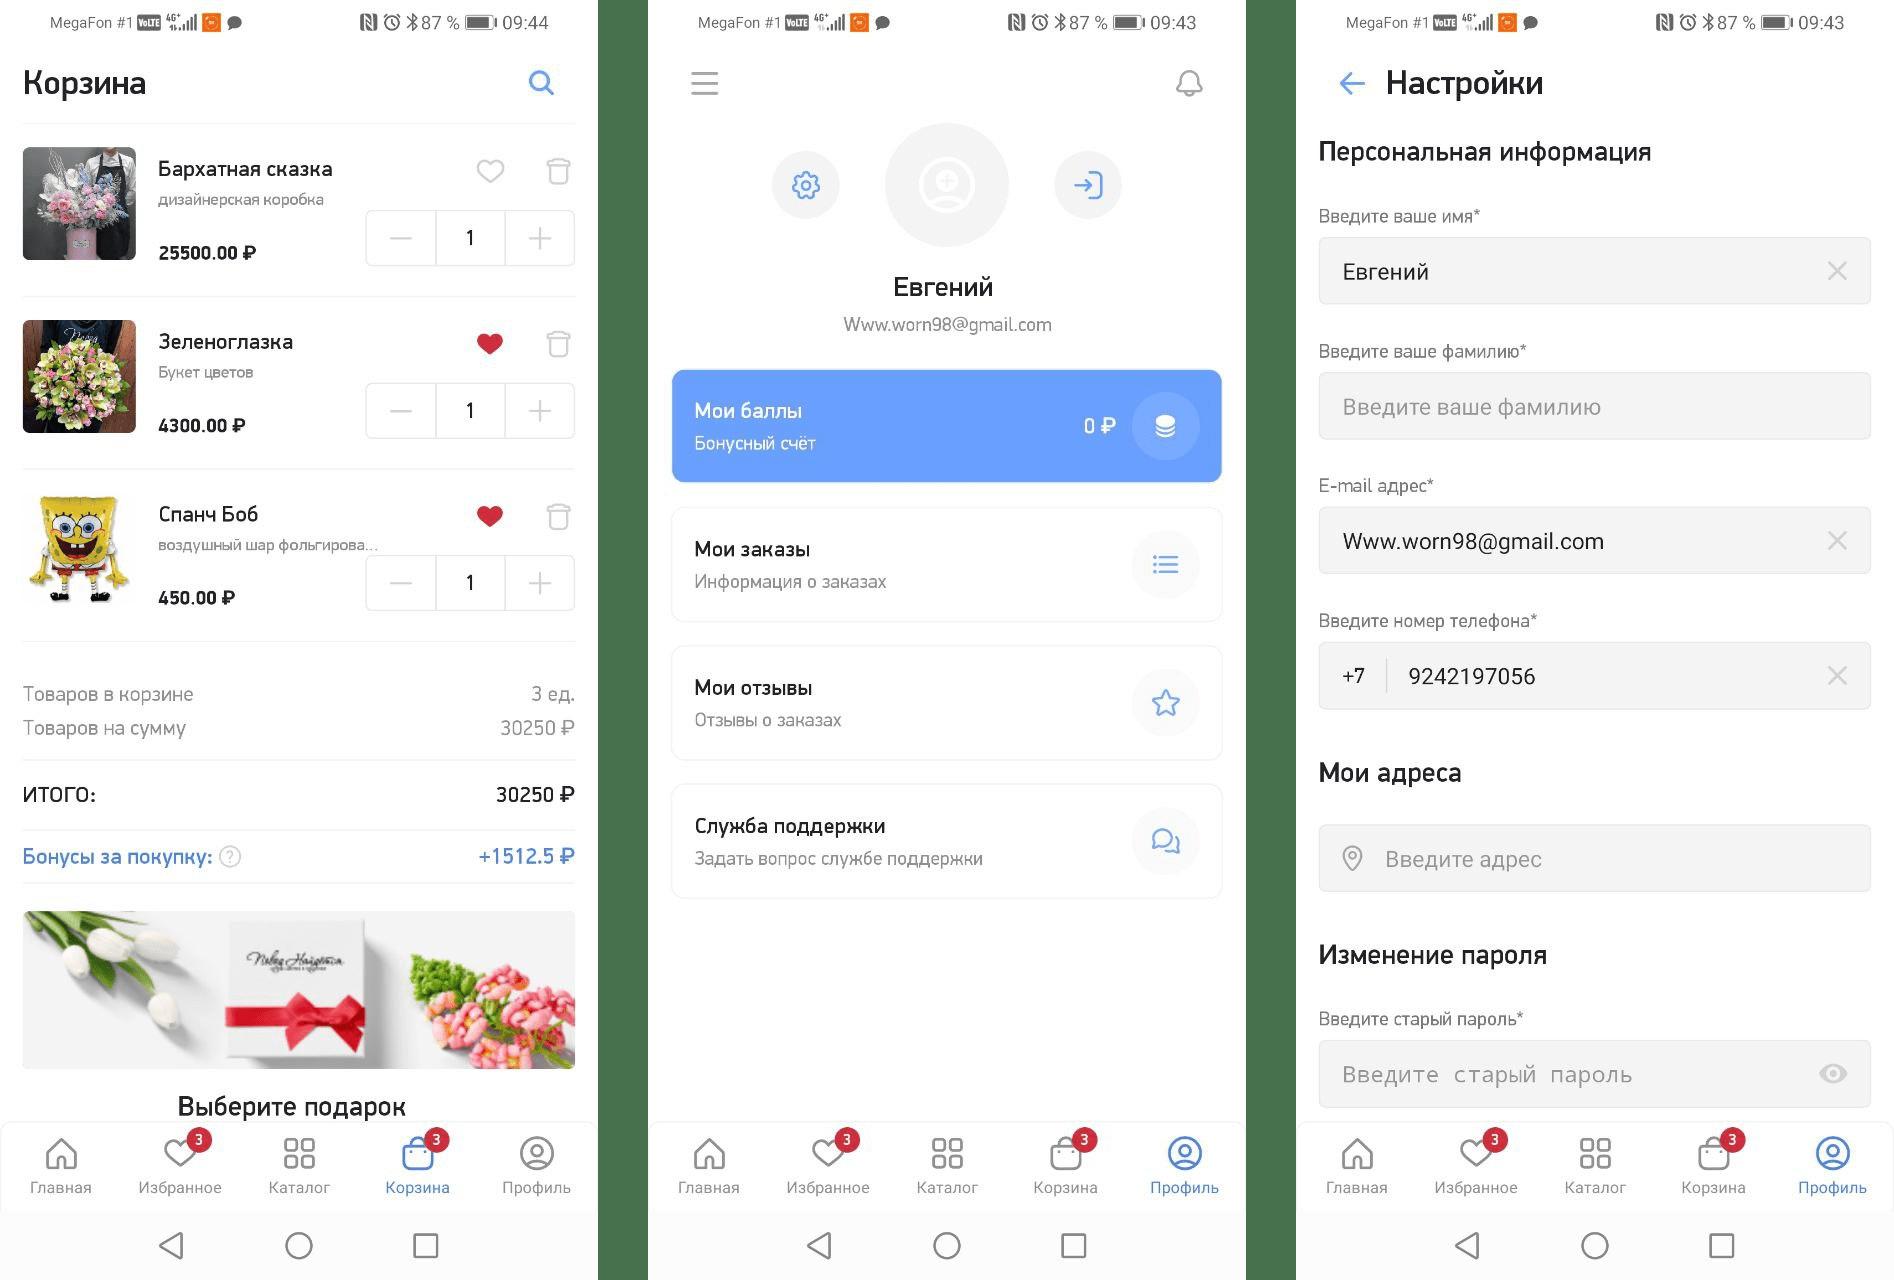 Купить цветы онлайн в Москве